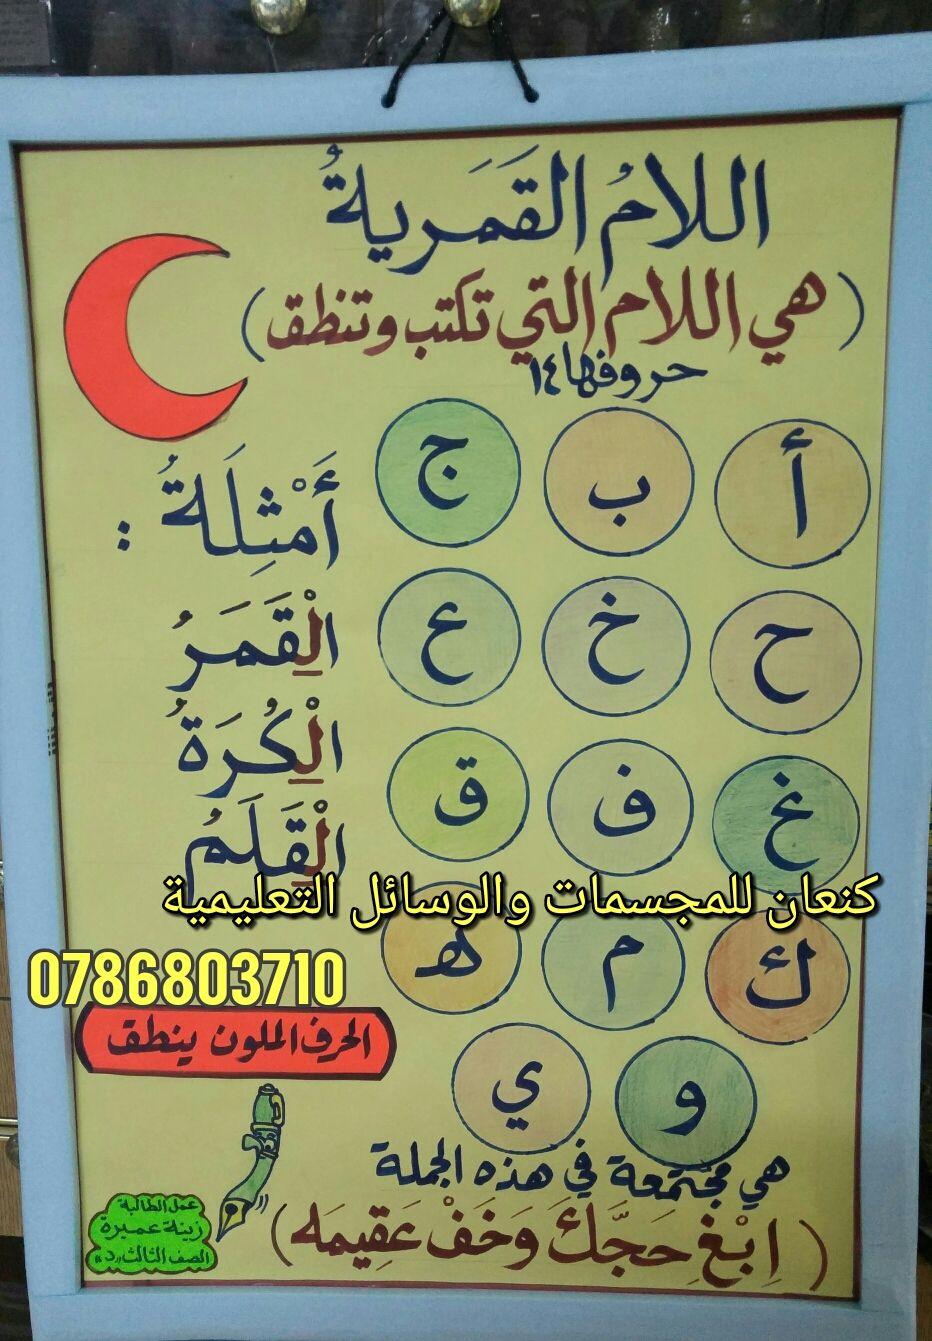 لوحة تعليمية للغة العربية عن اللام القمرية Education Notebook Signs